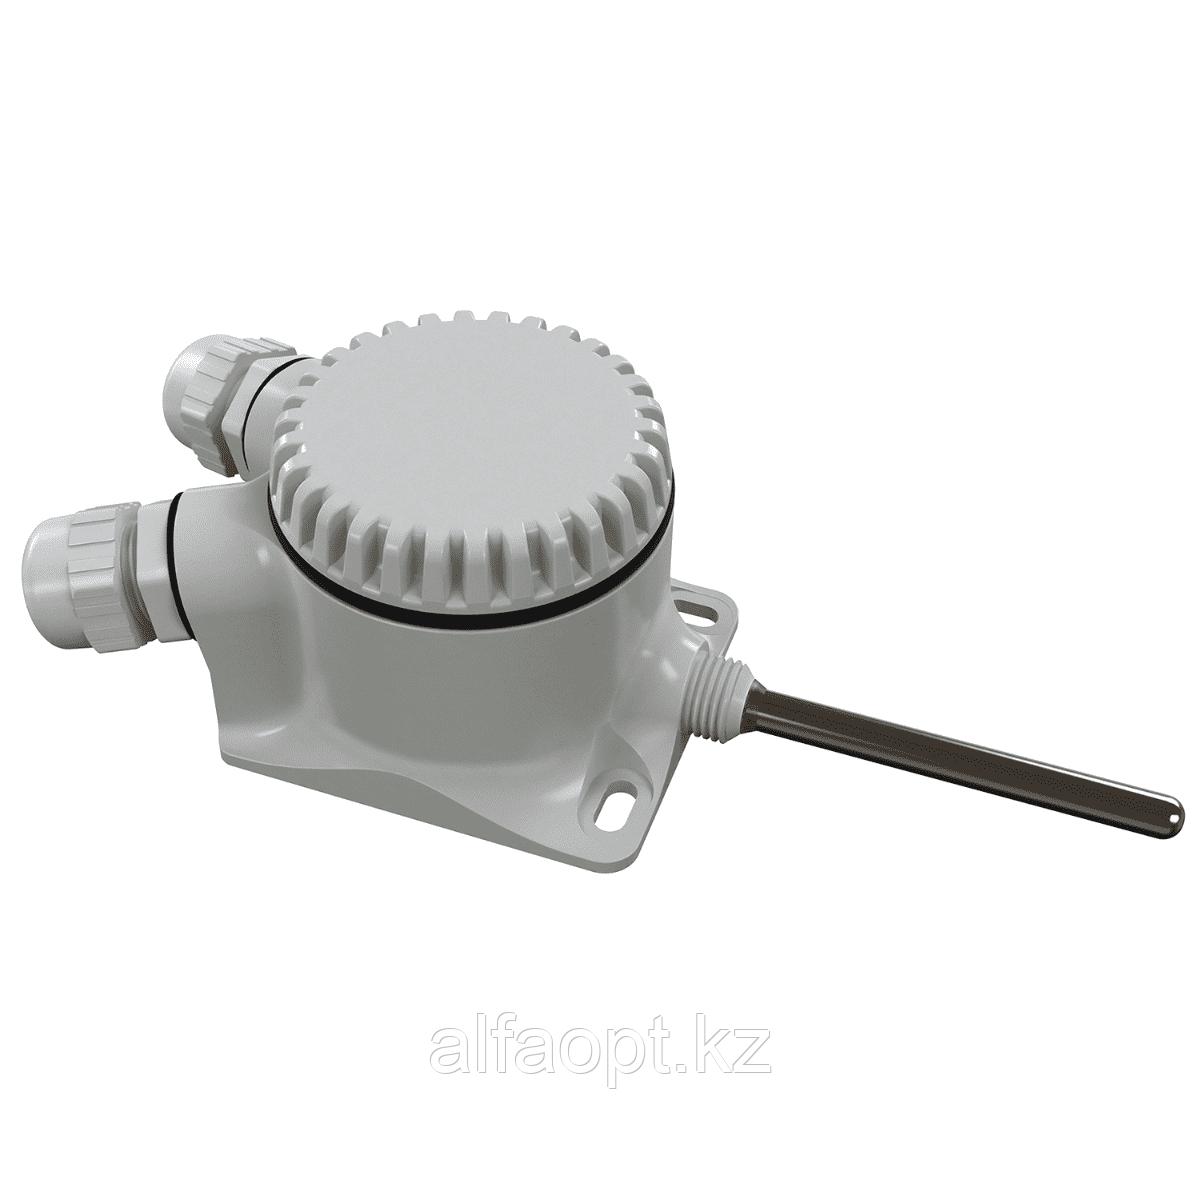 Термопреобразователь сопротивления ДТС125Л-50М.0,5.100.И